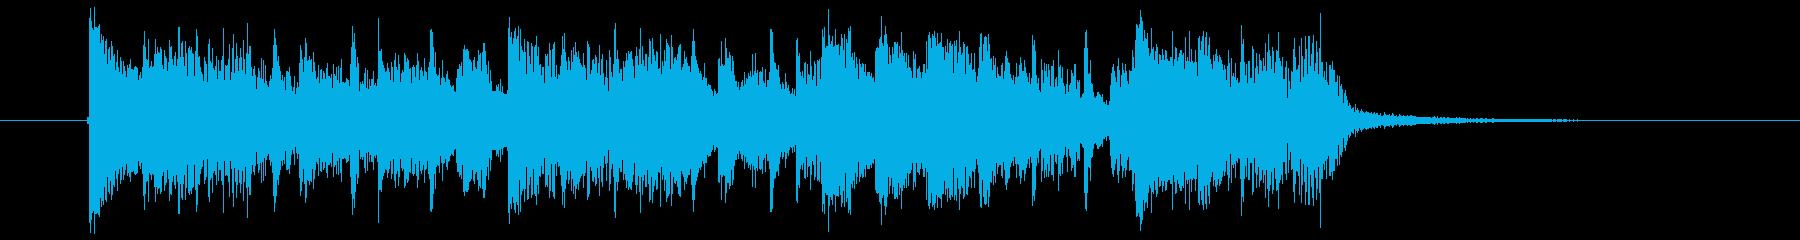 アップテンポでスピーディー声入りジングルの再生済みの波形